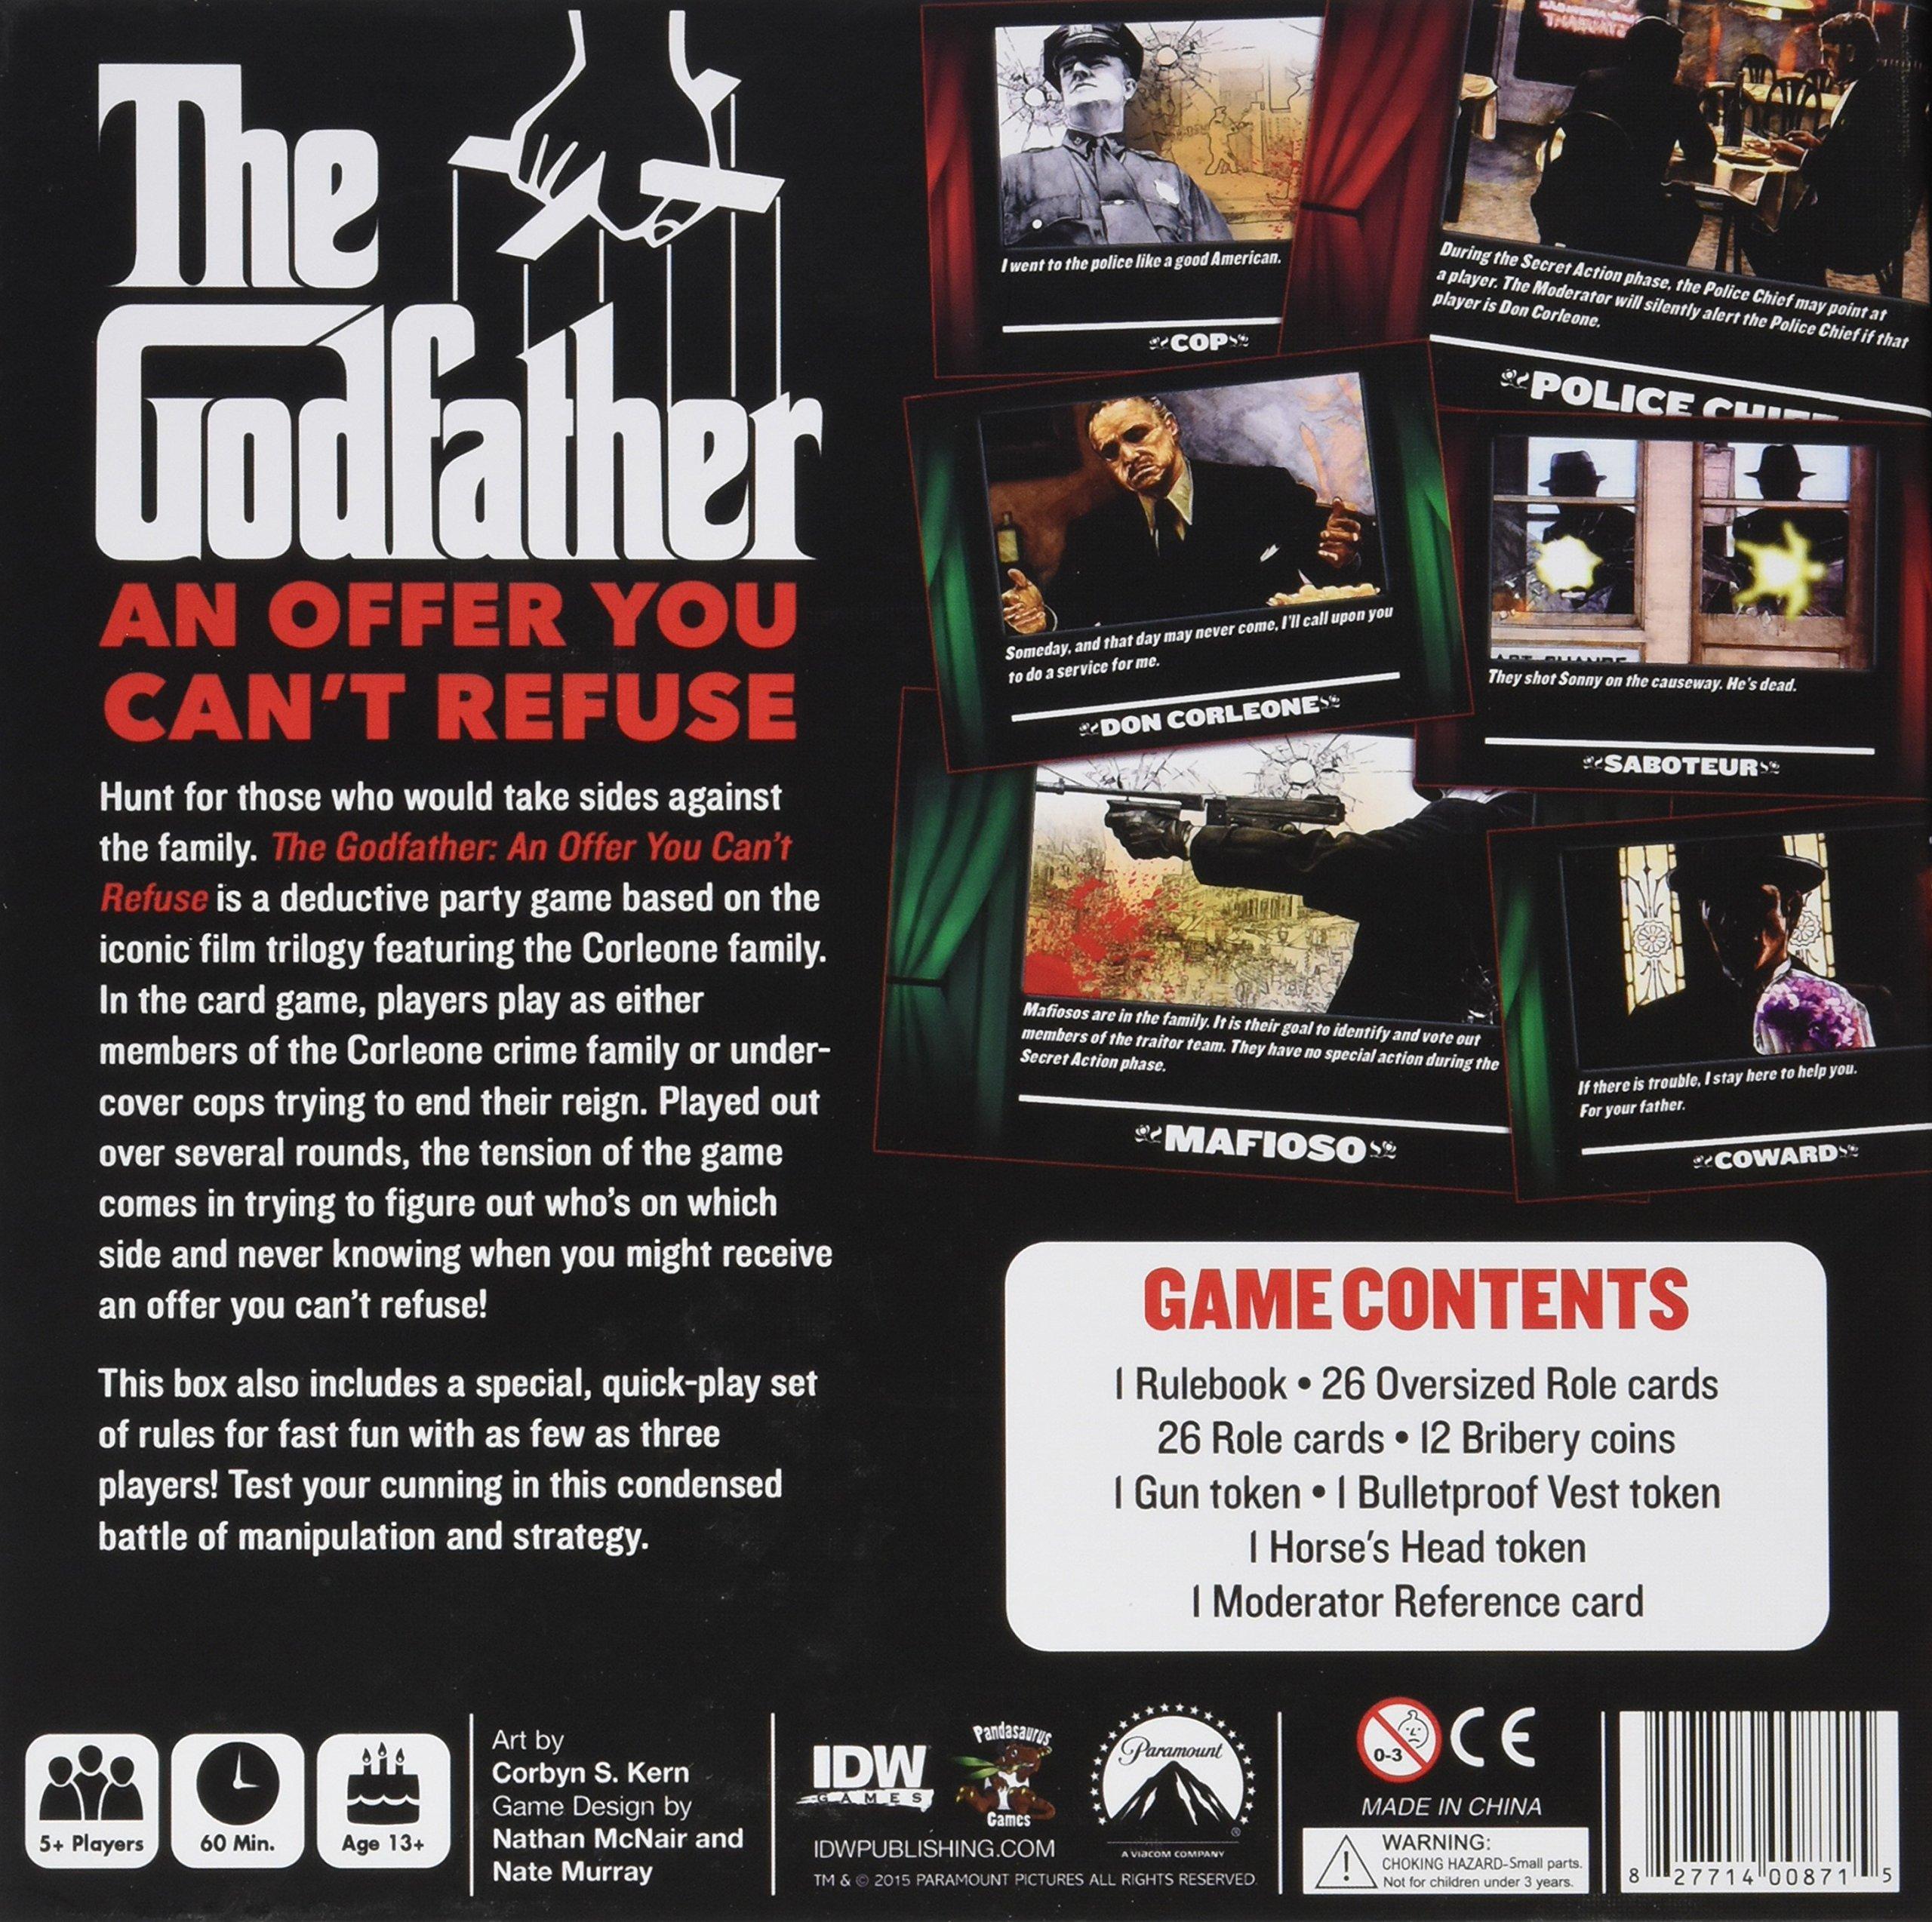 IDW Games Godfather: una Oferta Que no Puede refutar Juego de Cartas: Amazon.es: Juguetes y juegos